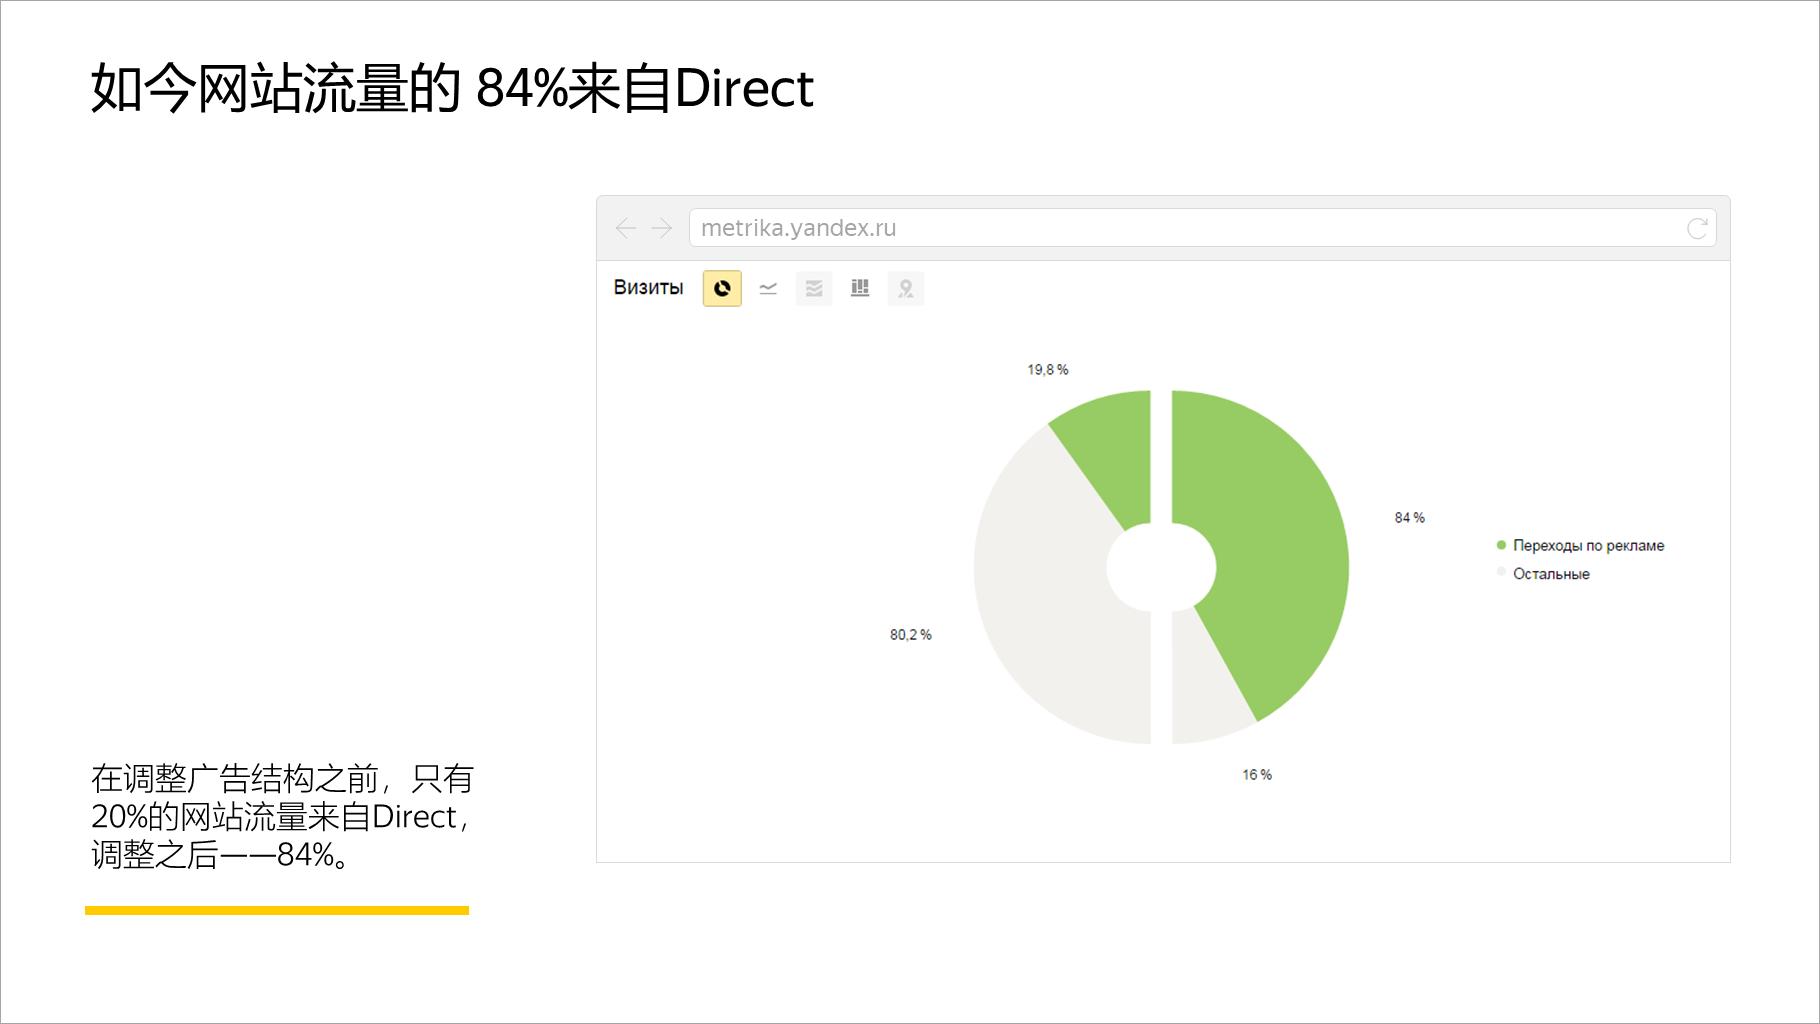 如今网站流量的 84%来自Direct